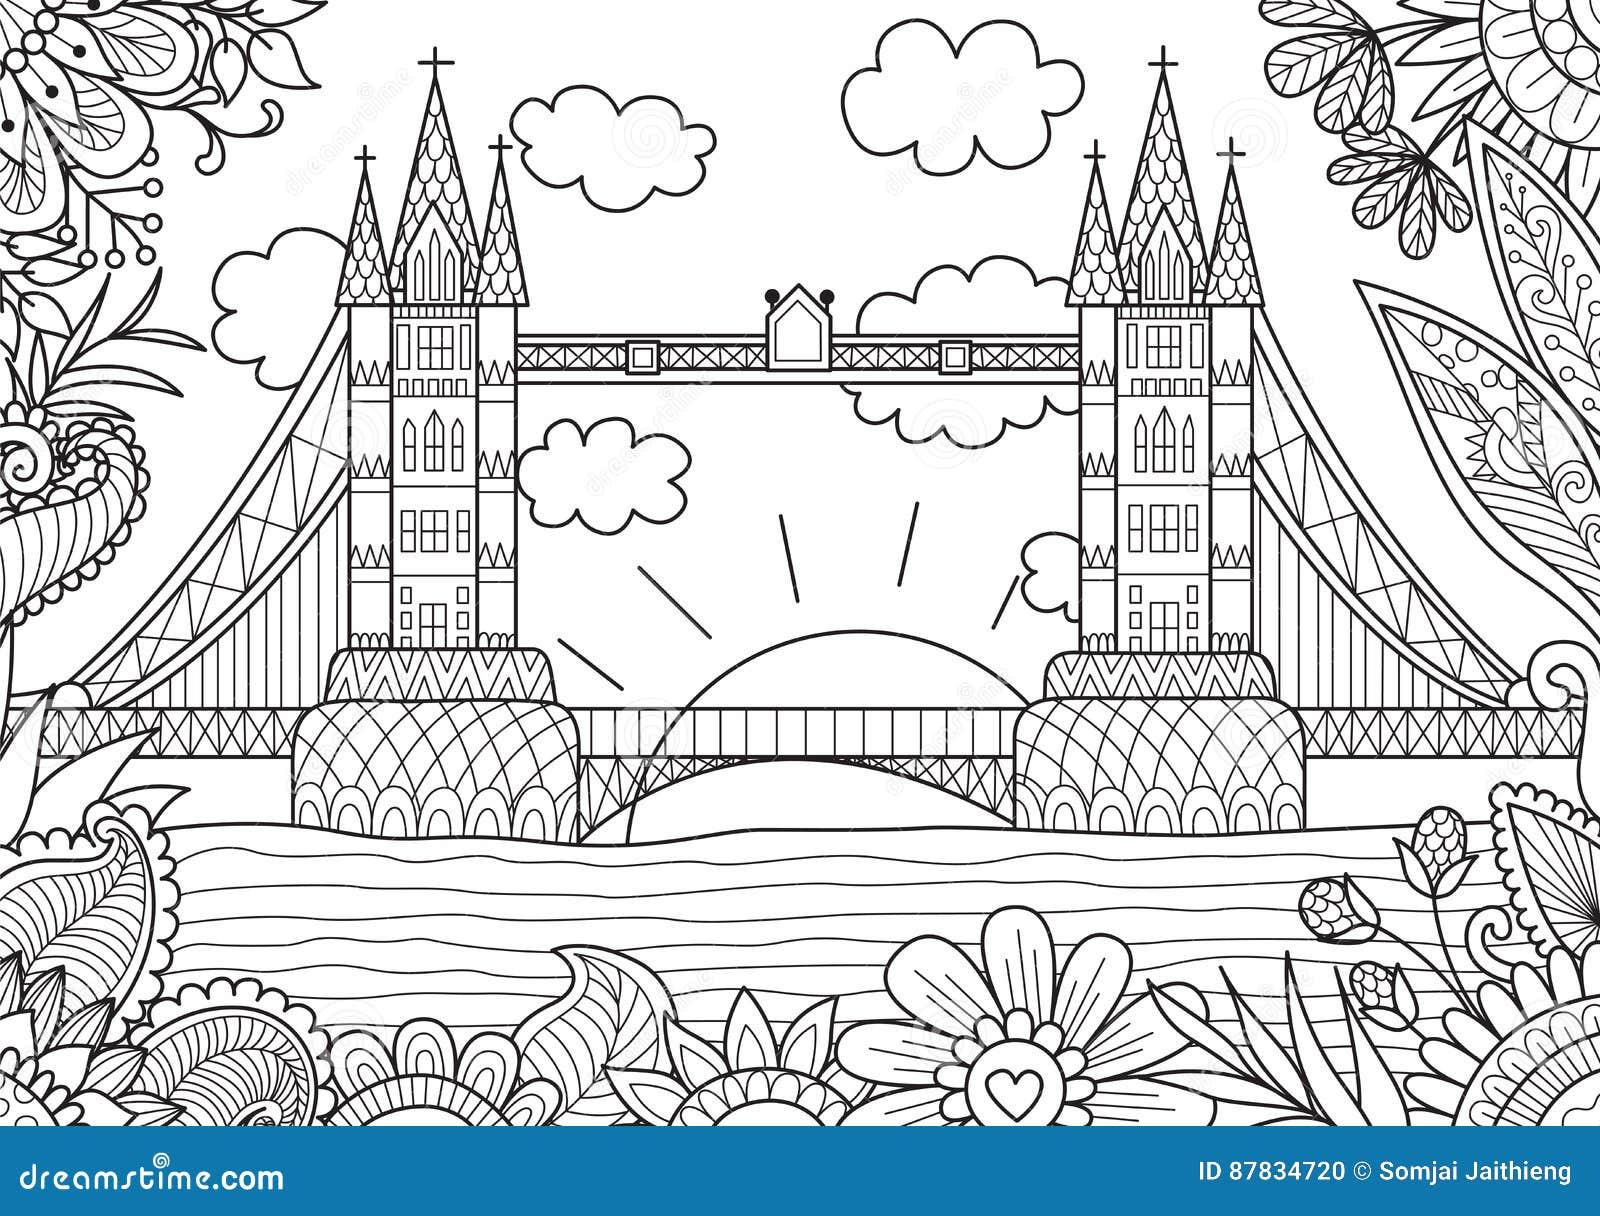 Immagini Di Londra Da Colorare.Primavera A Londra Illustrazione Vettoriale Illustrazione Di